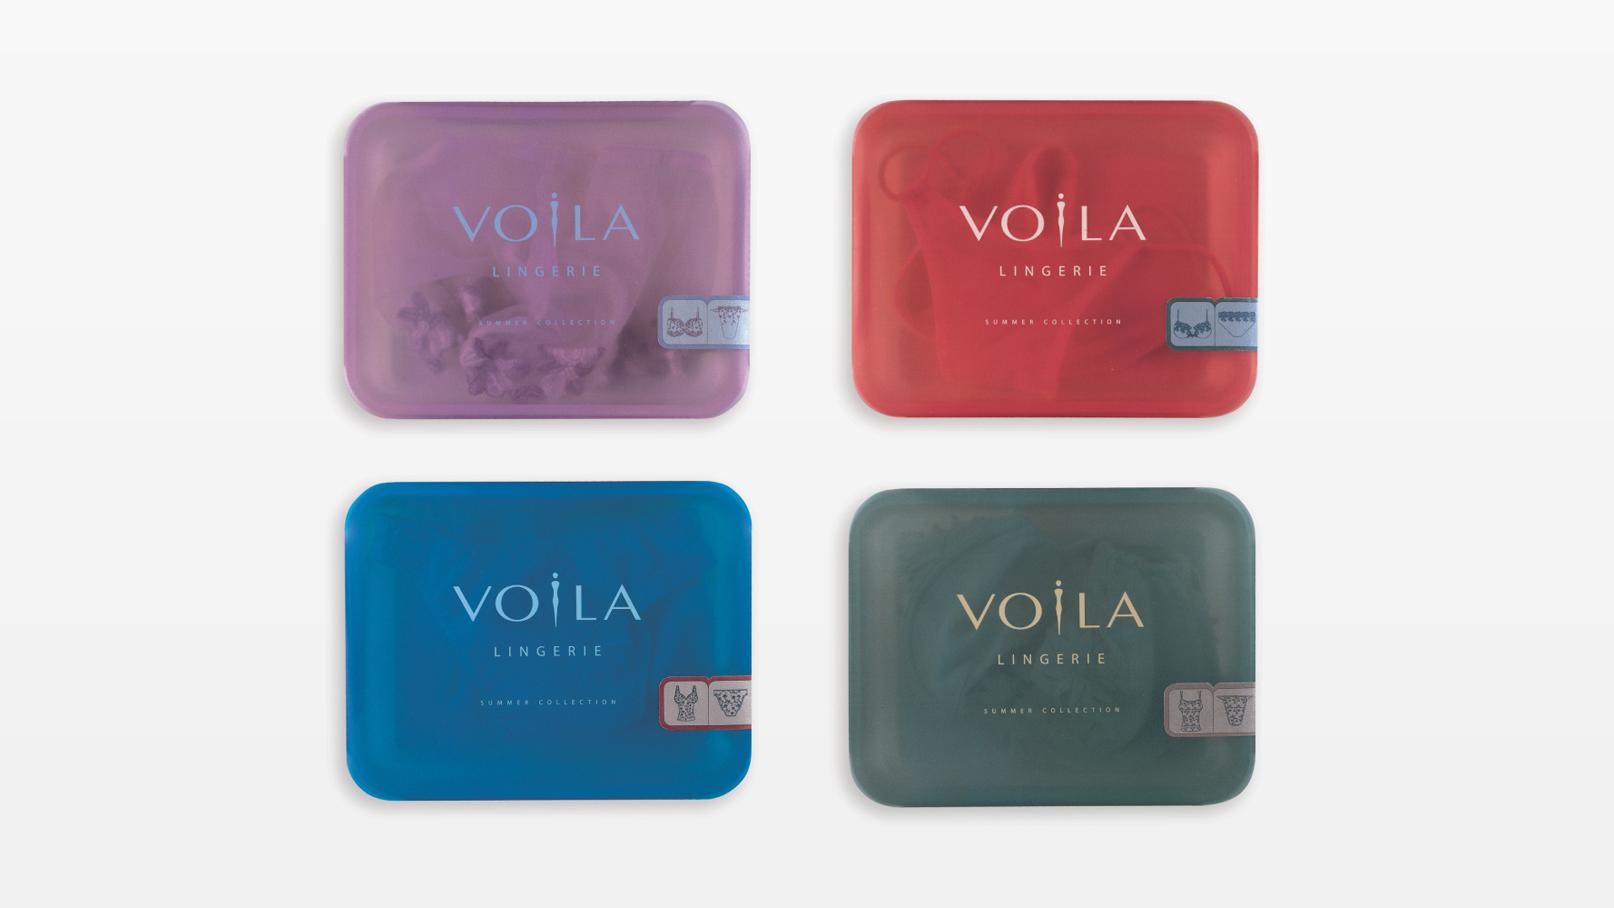 Brand_republica_voila_lingerie_packaging_design_01.jpg